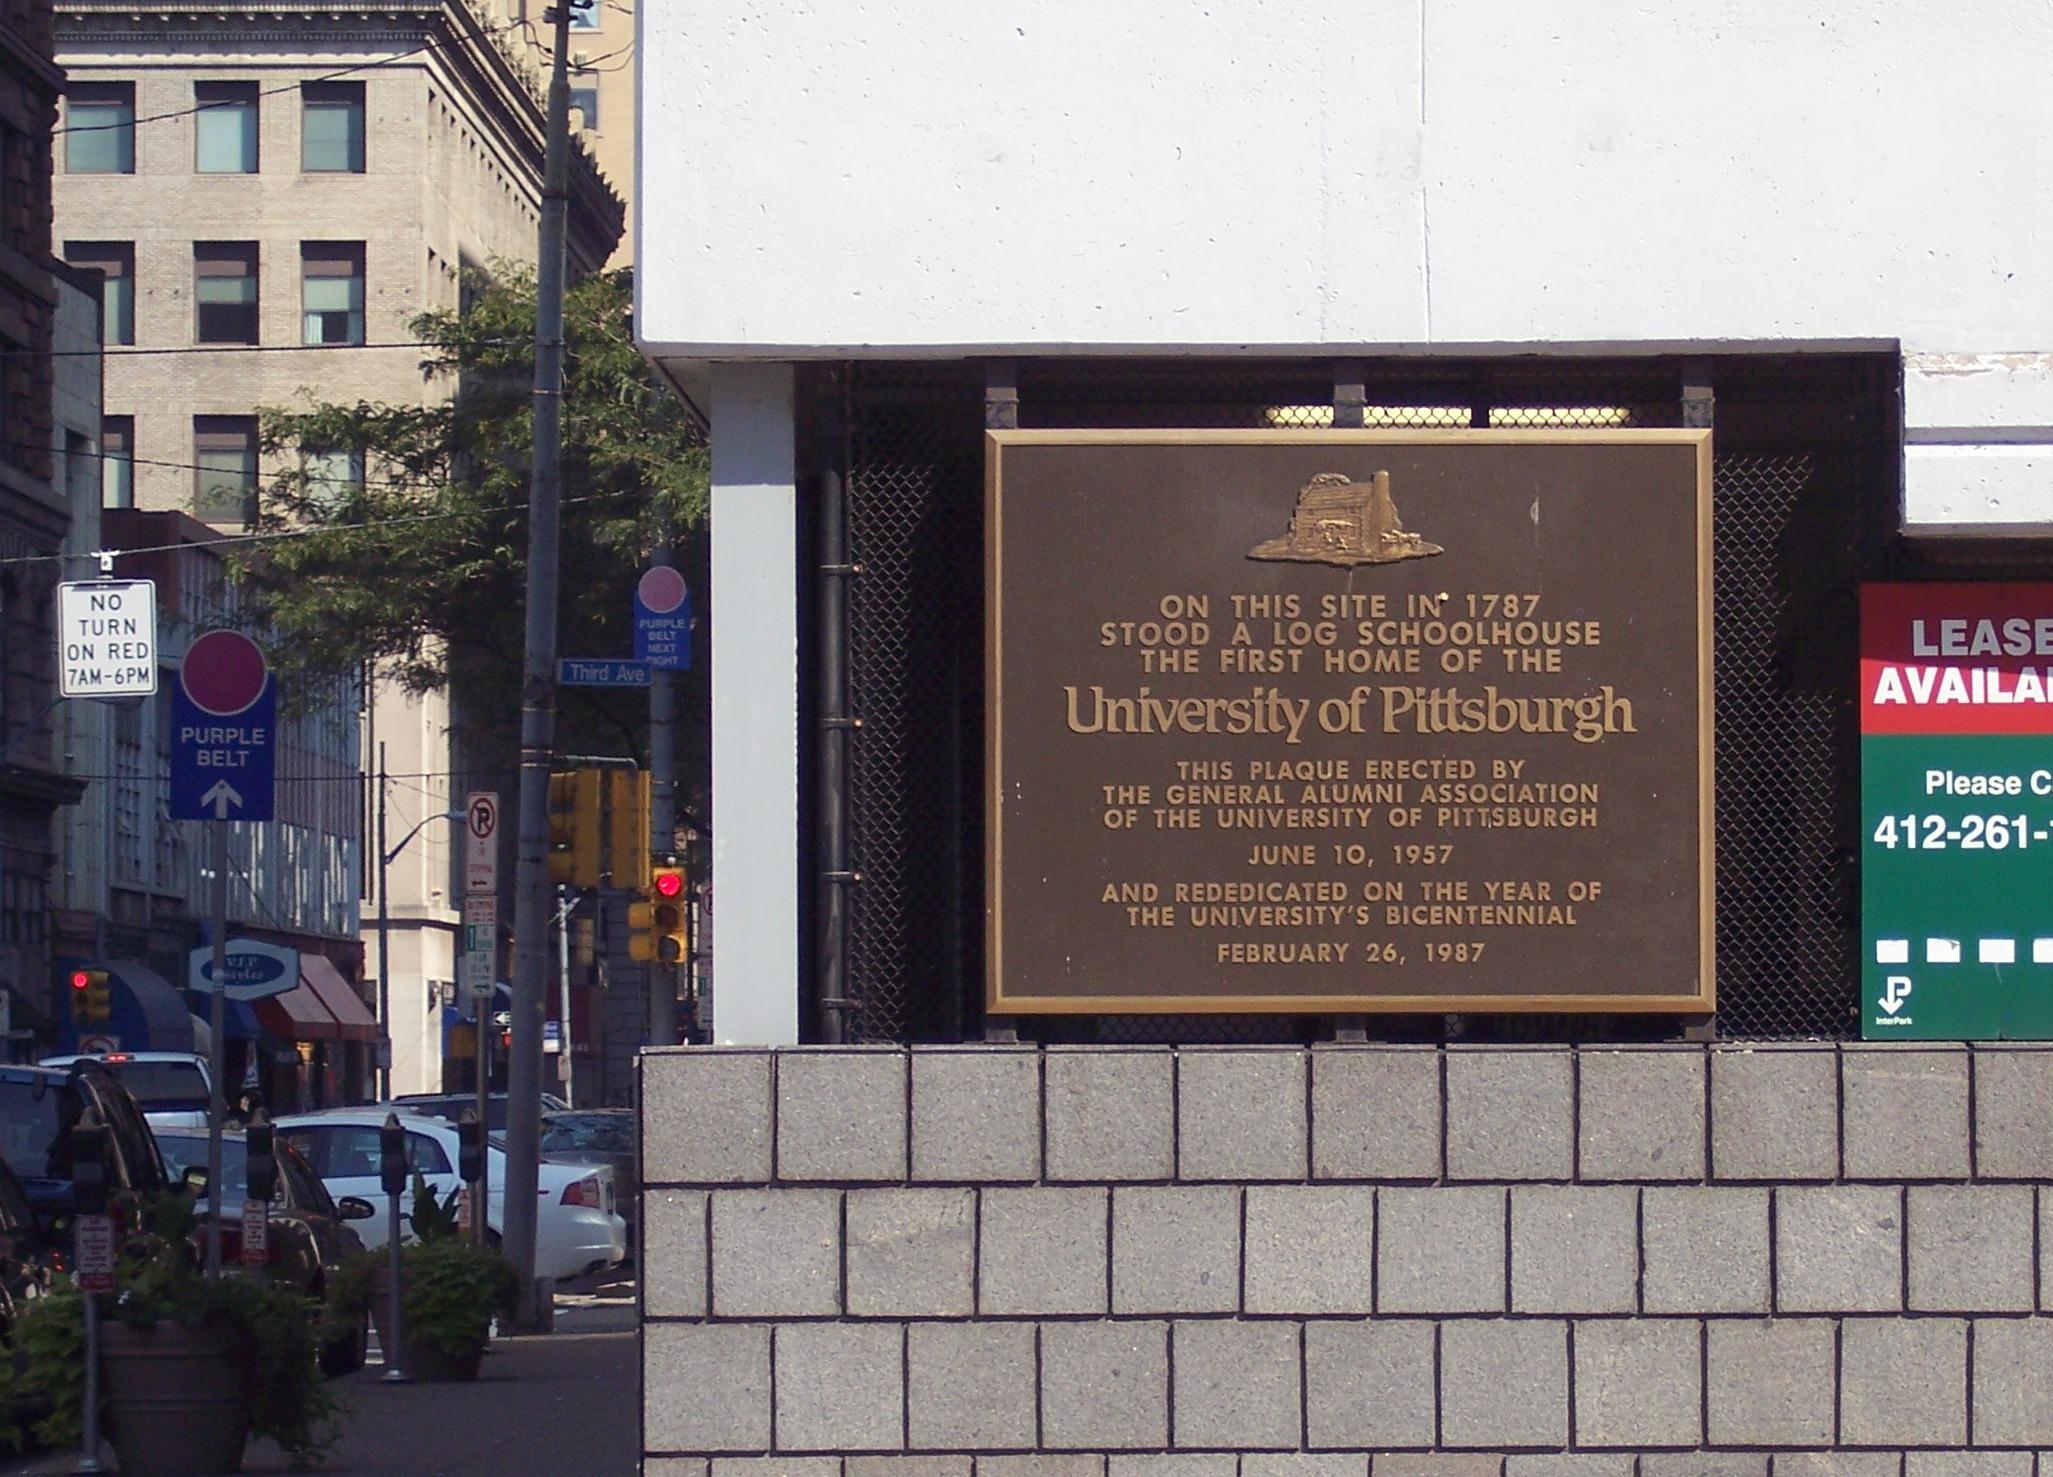 Original site of Pitt